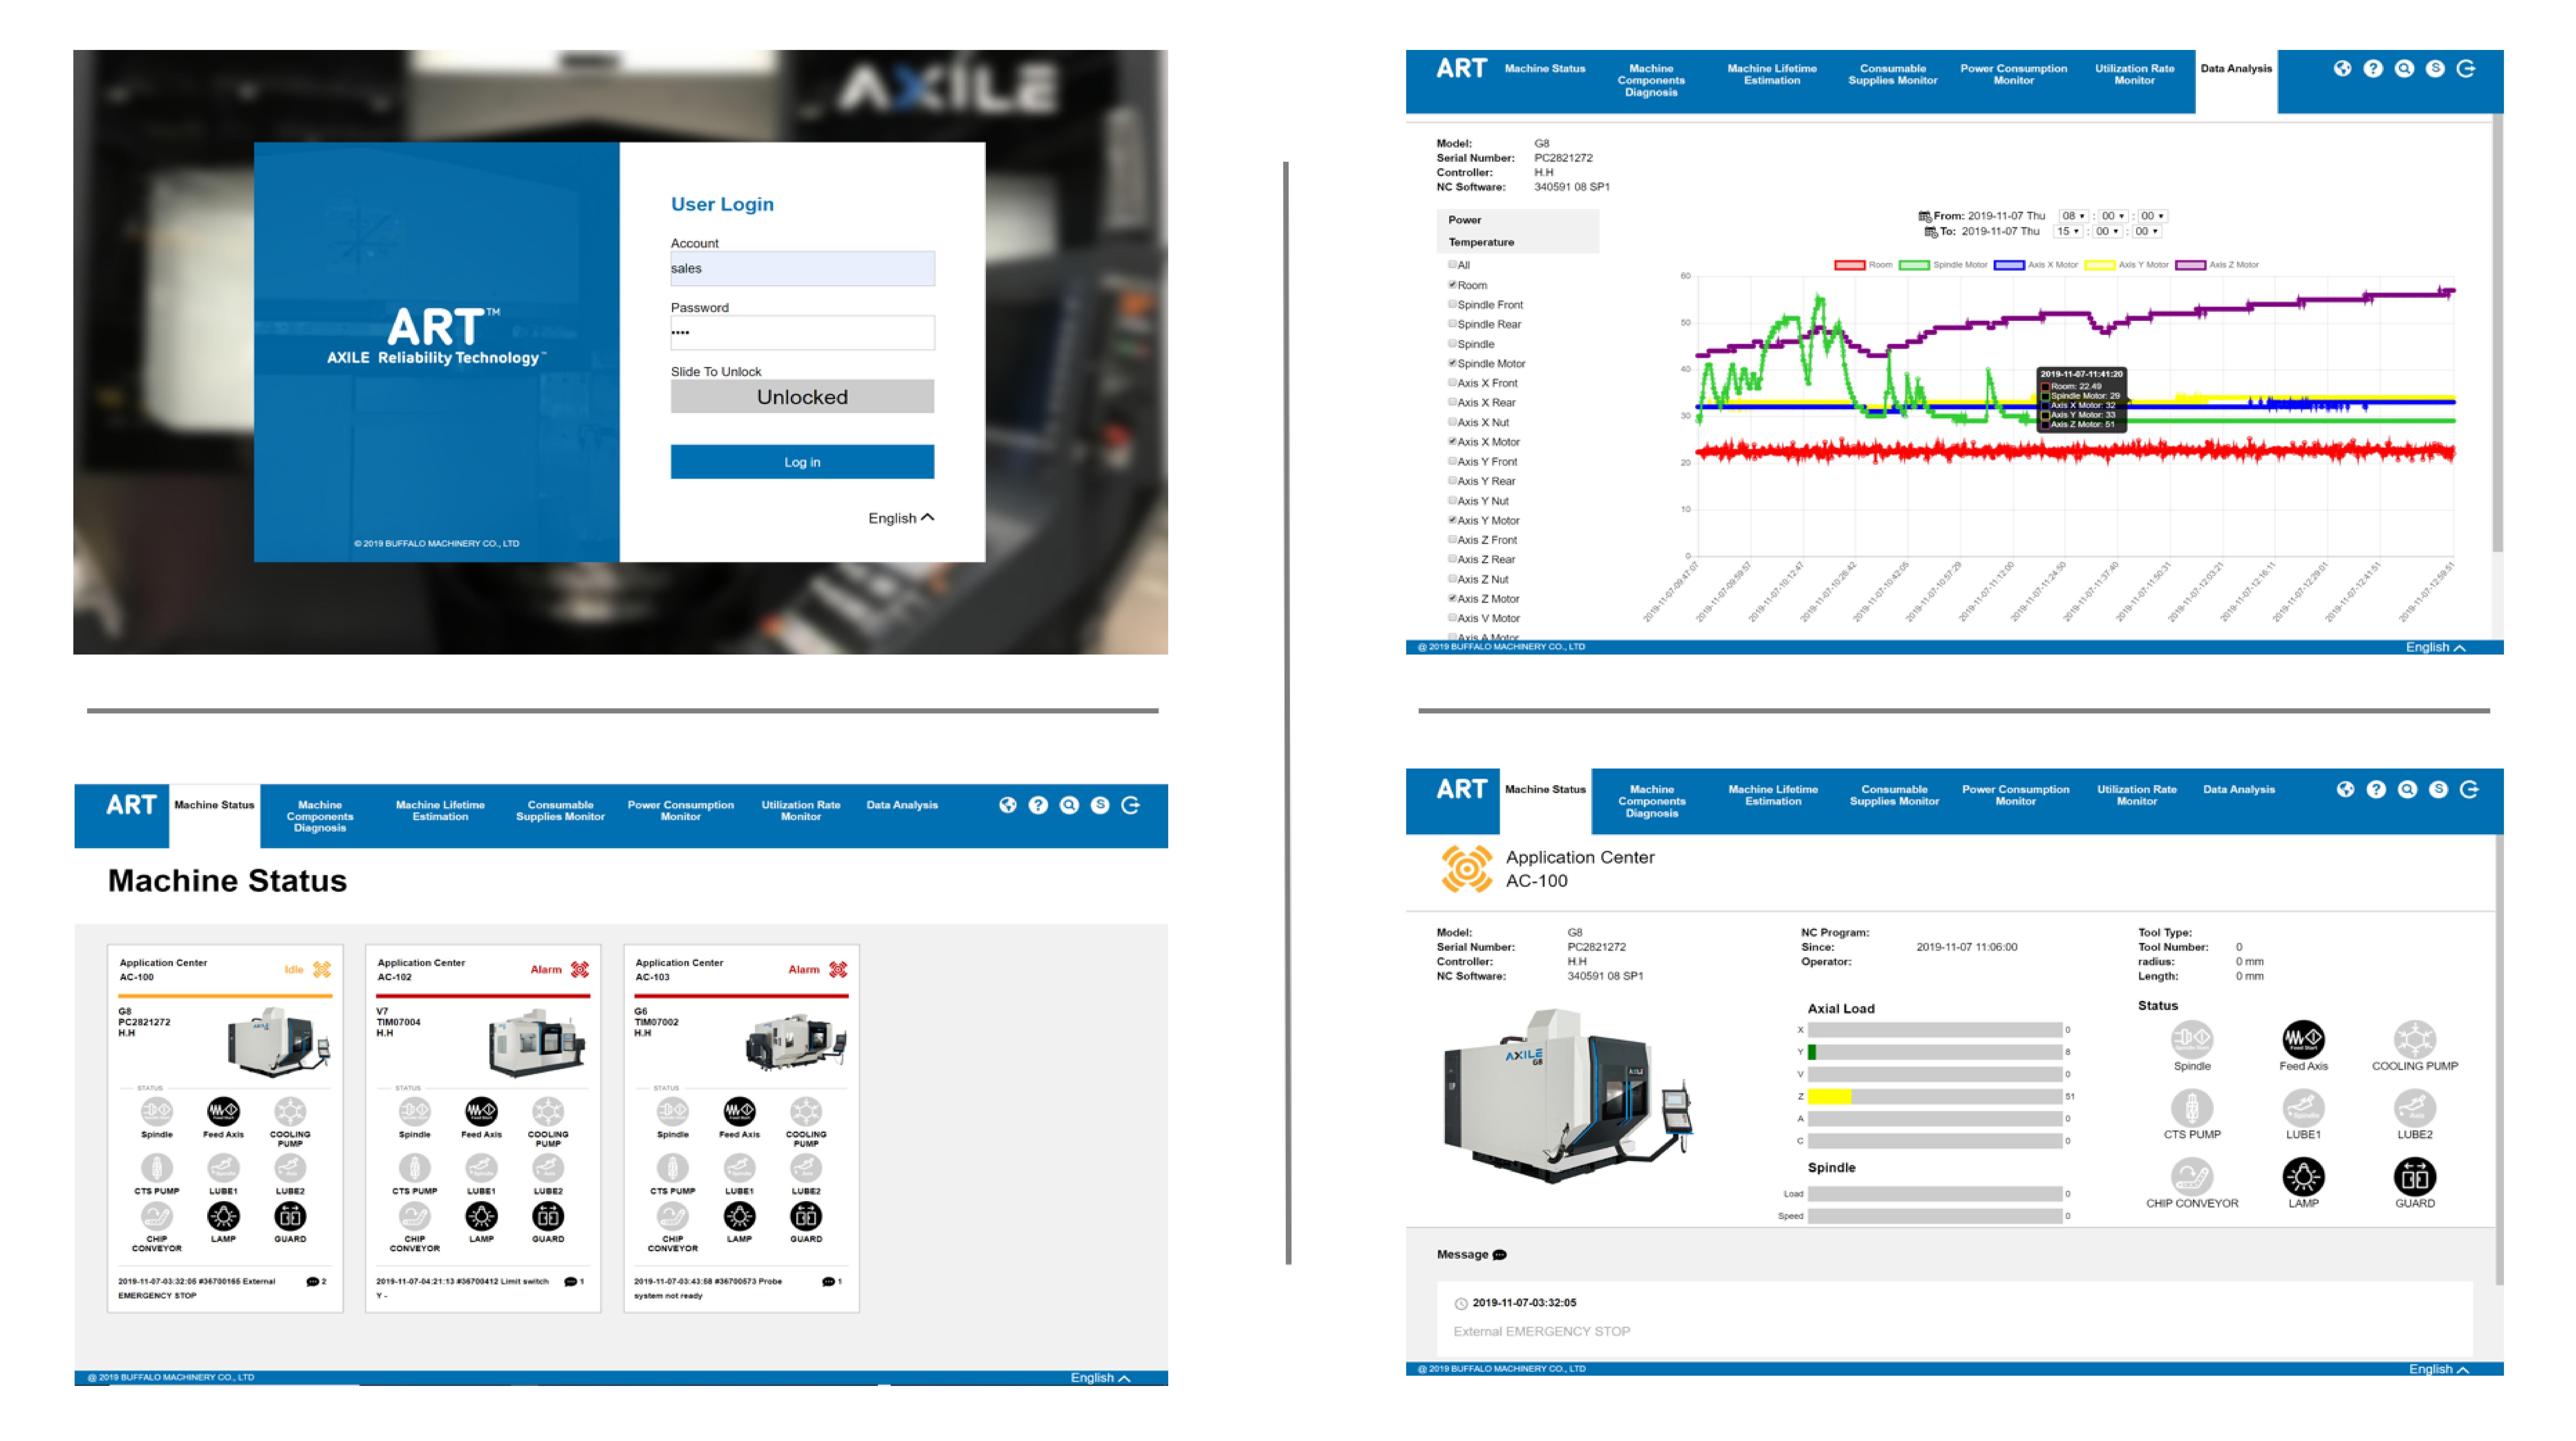 符合i4.0工具機智能監控系統 / 達佛羅企業有限公司